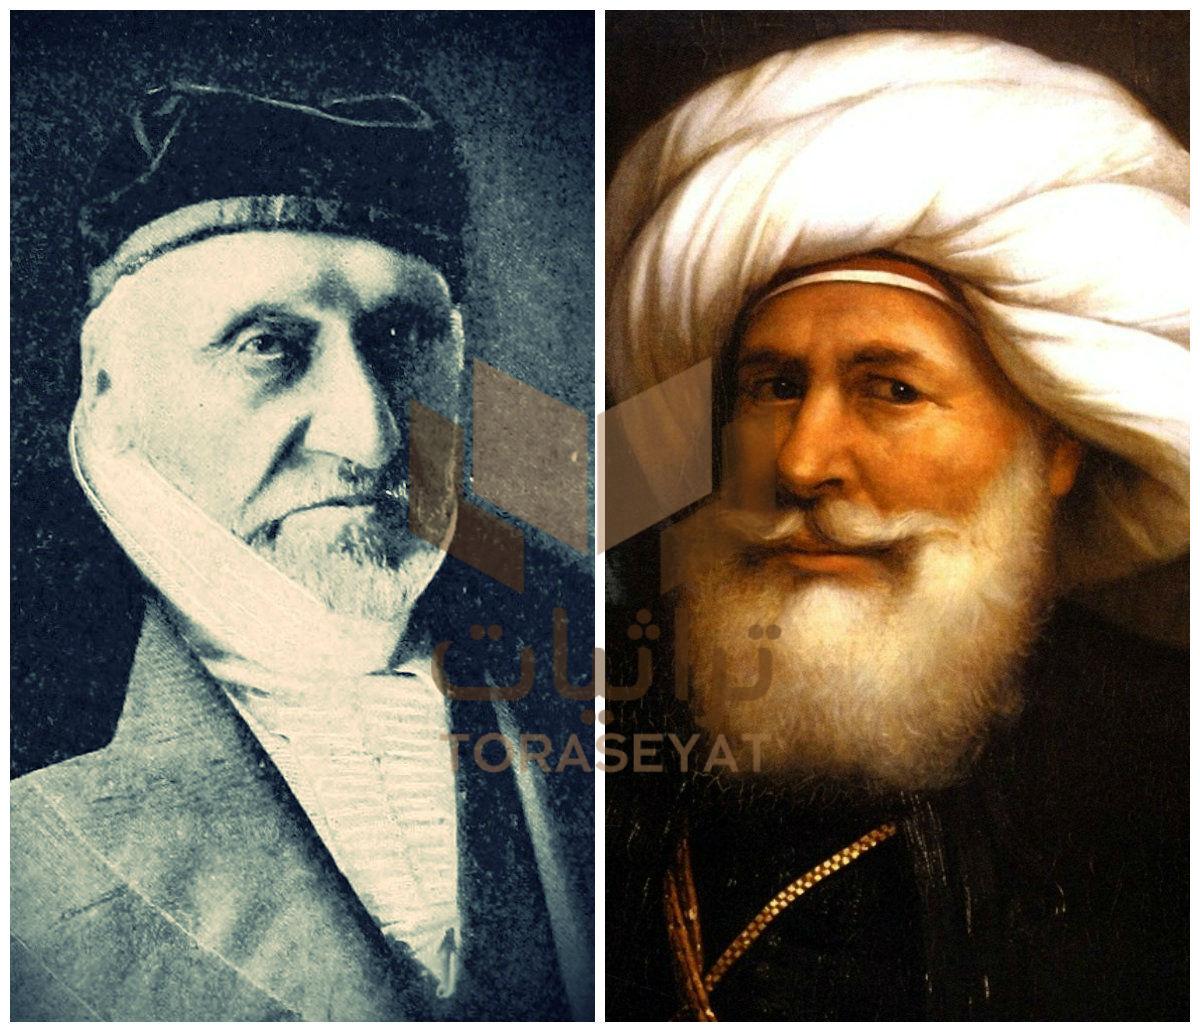 محمد علي و موسى مونتيفيوري